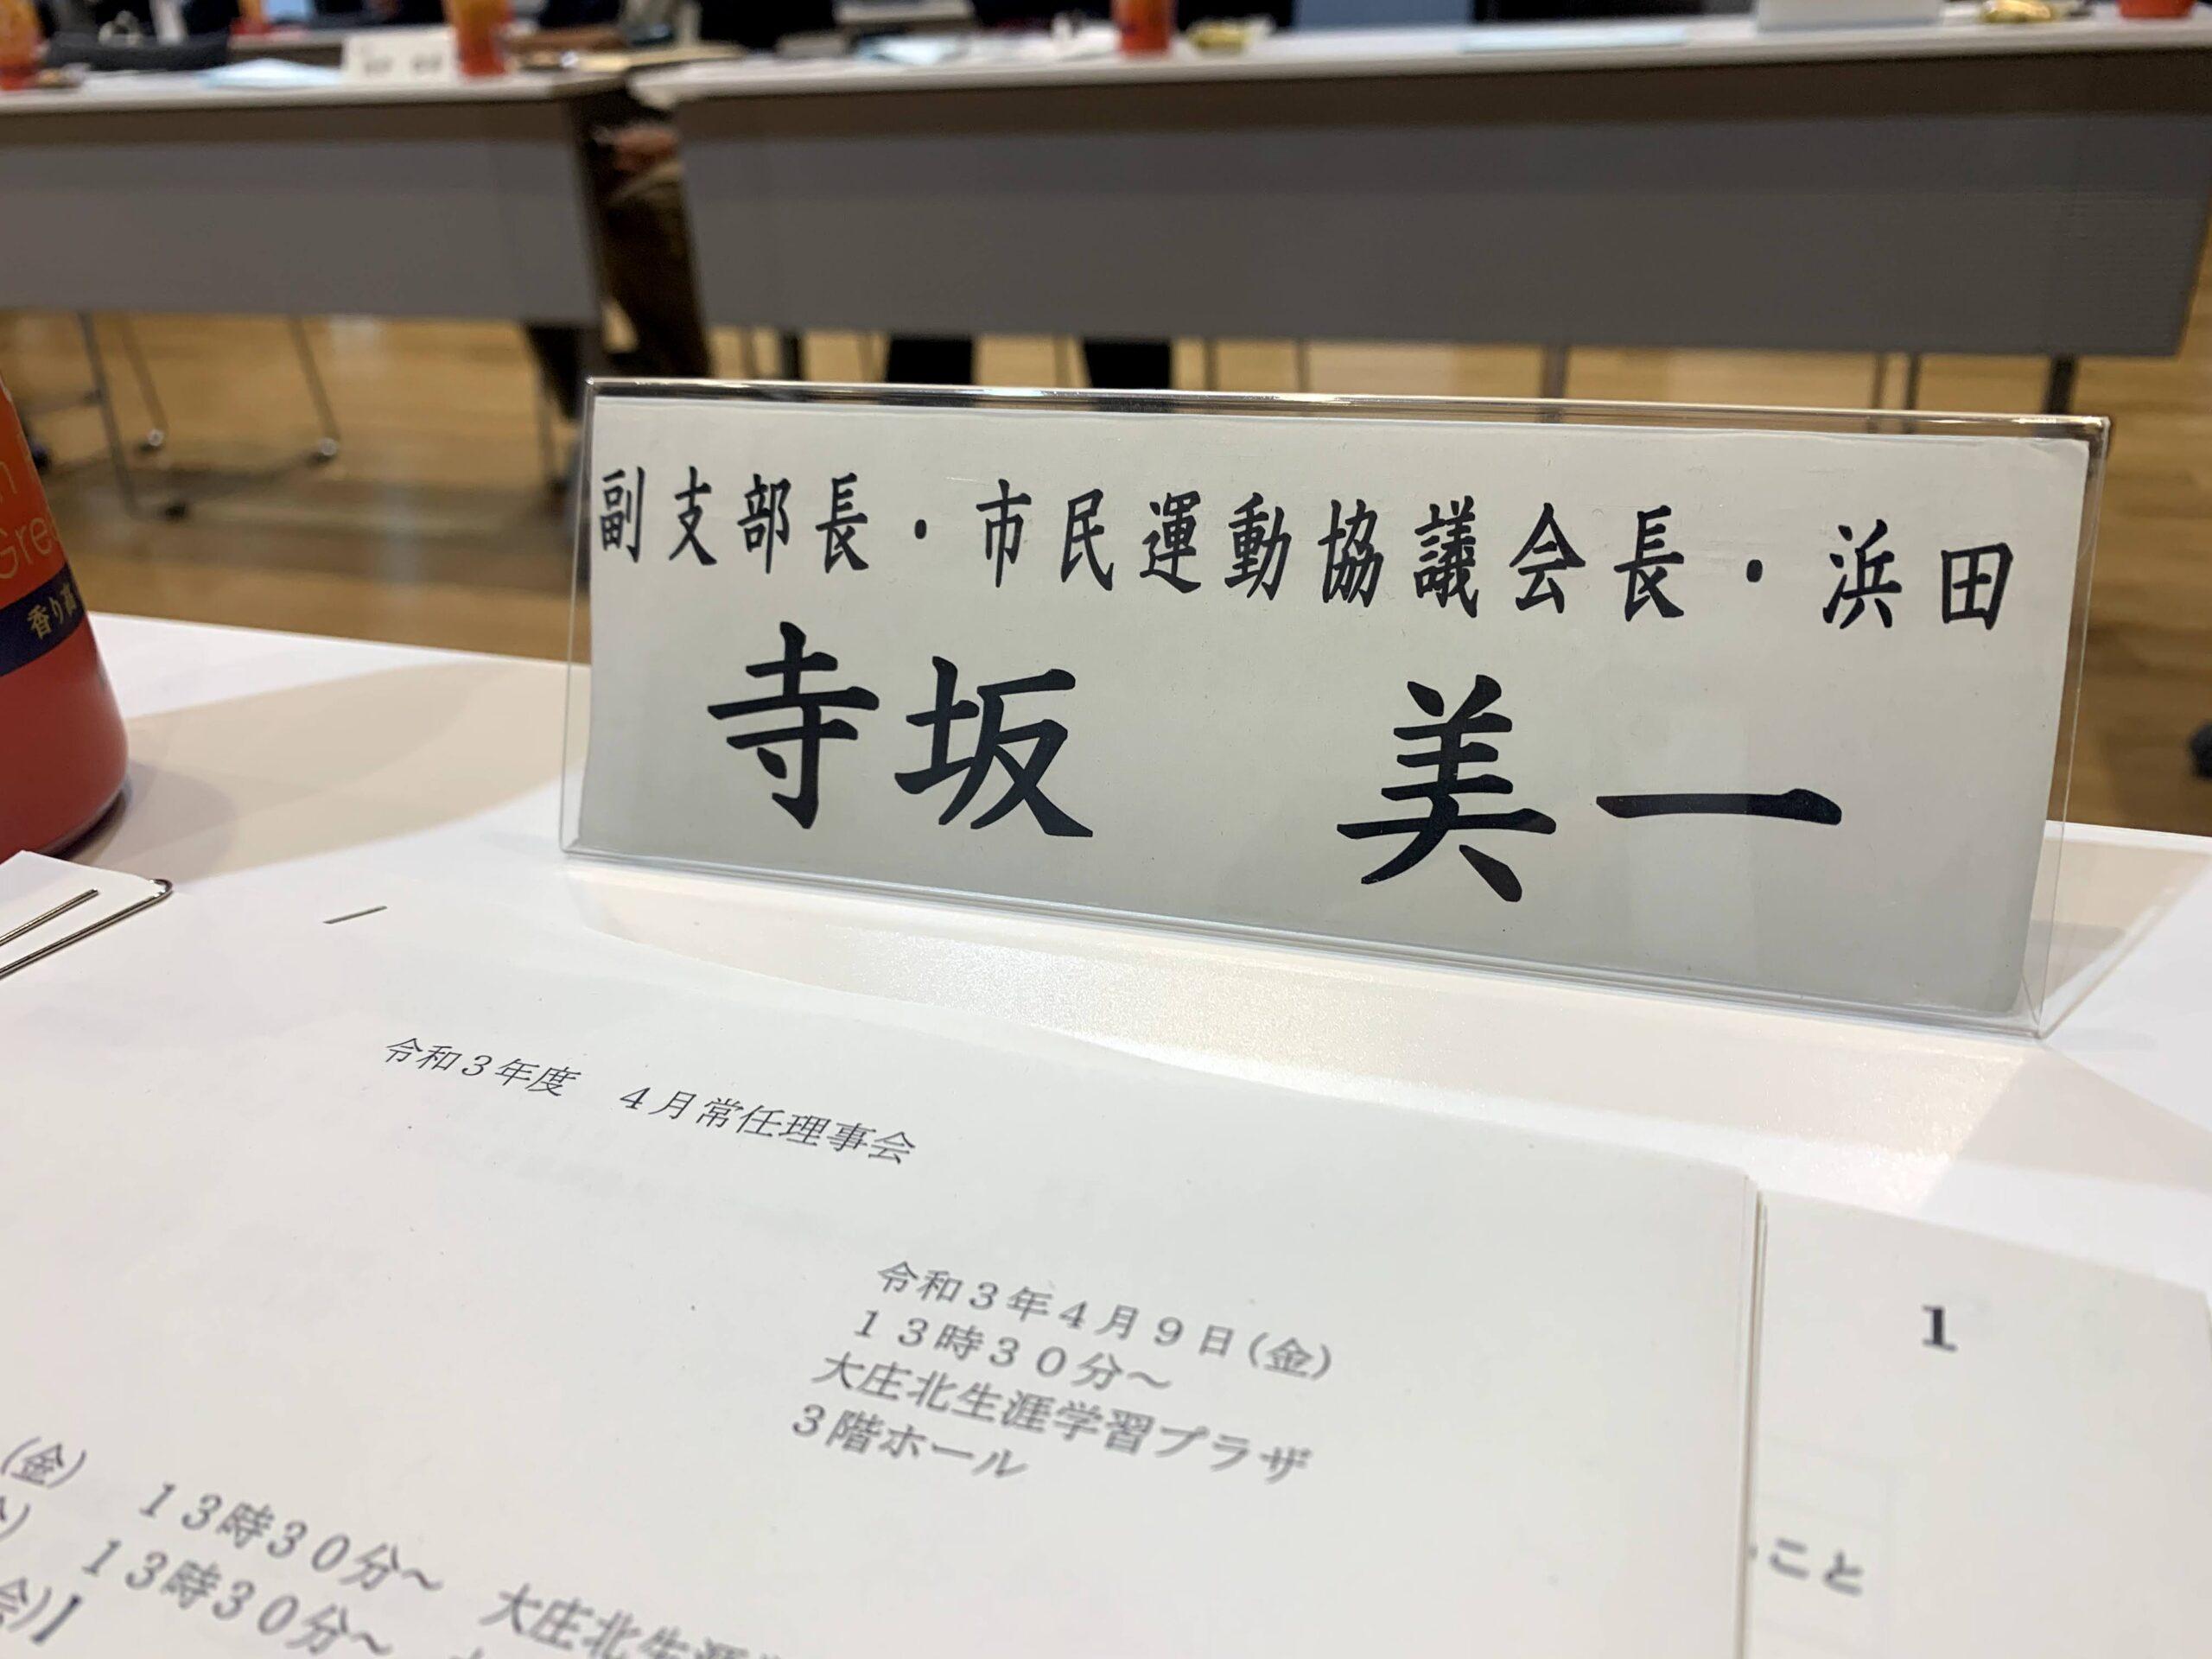 社会福祉協議会大庄支部2021年4月常任理事会・理事会